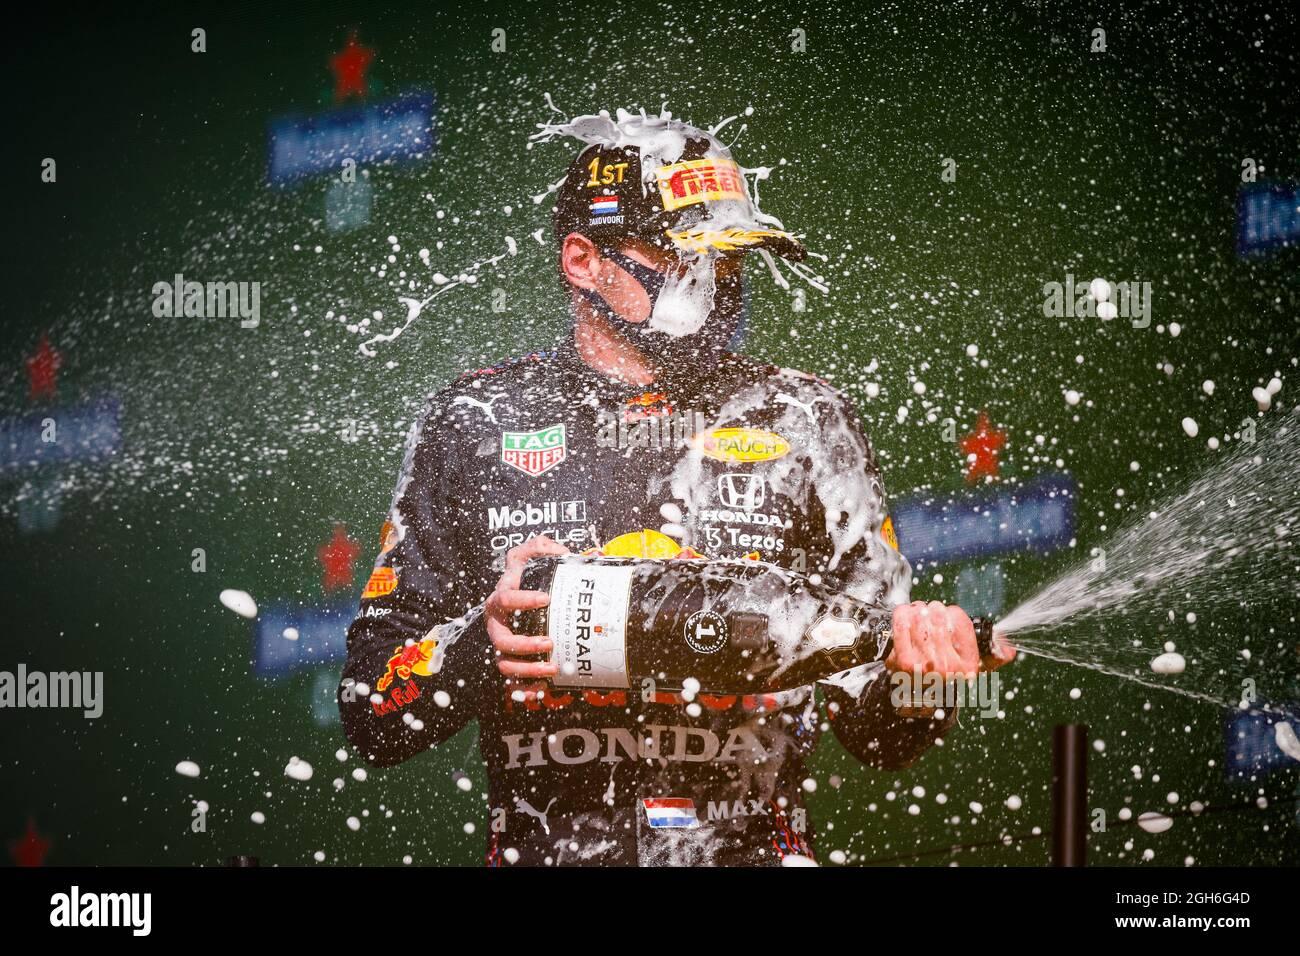 VERSTAPPEN Max (ned), Red Bull Racing Honda RB16B, podio ritratto durante il Gran Premio di Formula 1 olandese Heineken 2021, 13° round del Campionato del mondo di Formula 1 FIA 2021 dal 3 al 5 settembre 2021 sul circuito di Zandvoort, a Zandvoort, Olanda - Foto Florent Gooden/DPPI Foto Stock